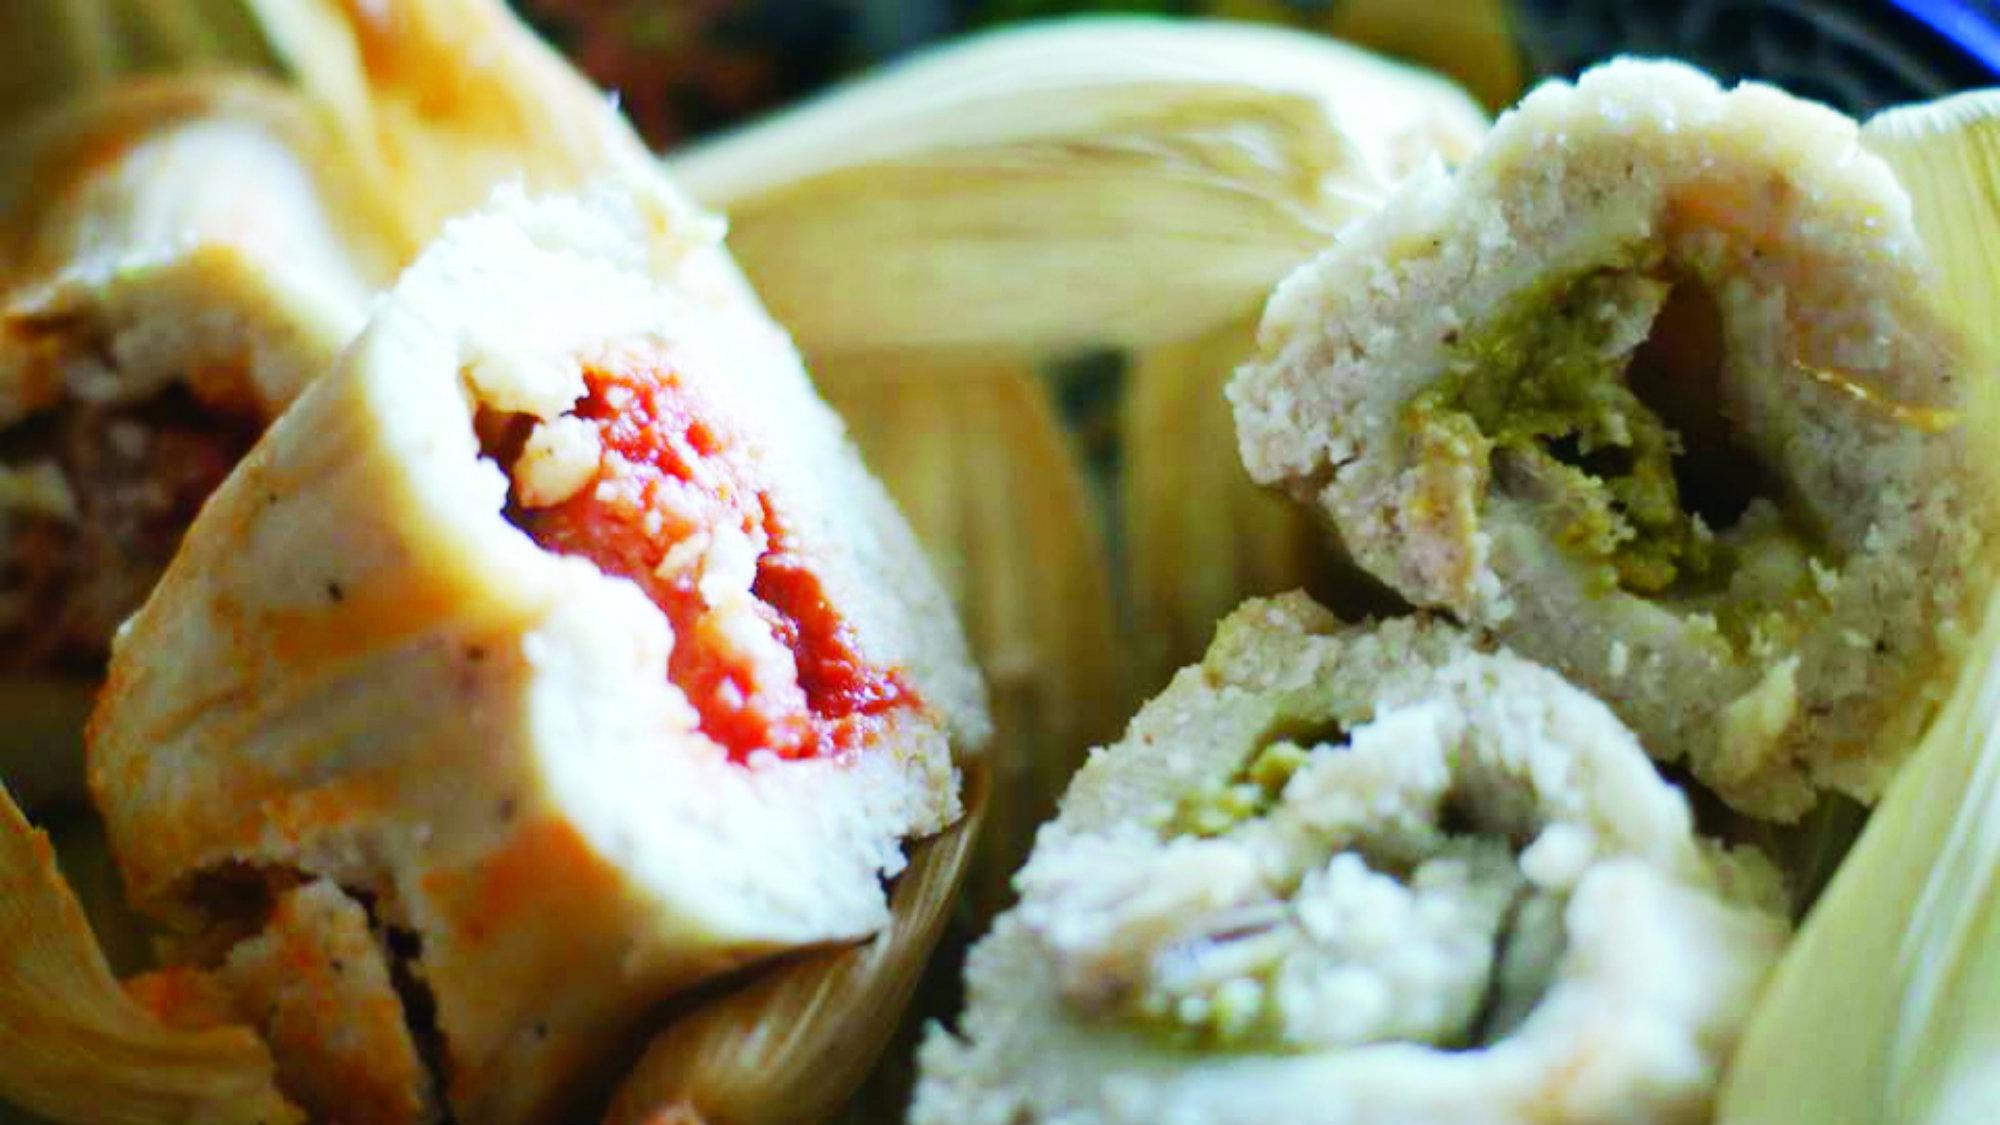 Tamales día de la candelaria 2 de febrero por qué comemos tamales